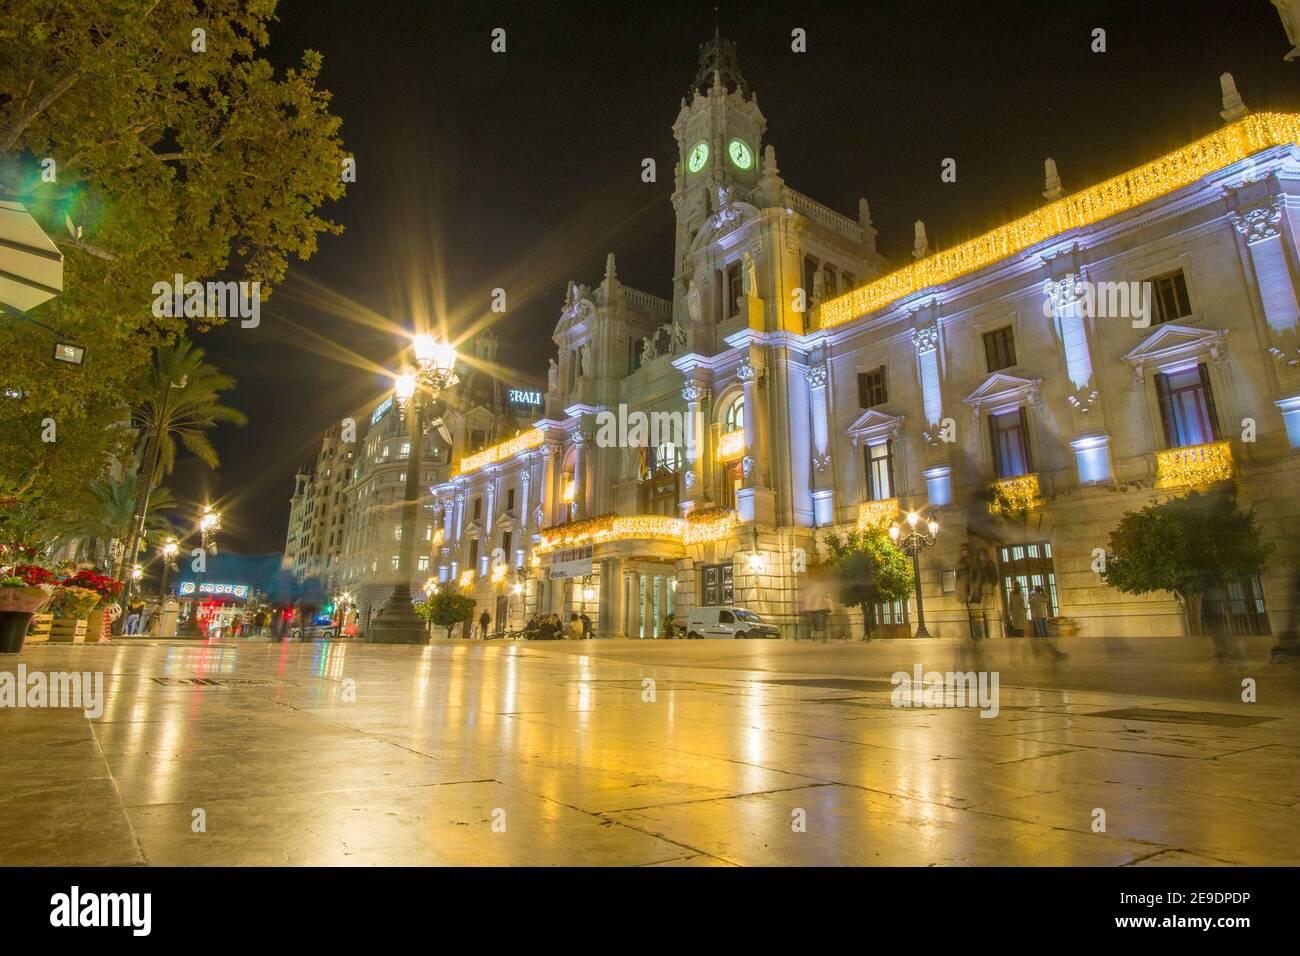 Valencia España el 10 de diciembre de 2020: Noche en la Plaza del Ayuntamiento de Navidad. Foto de stock